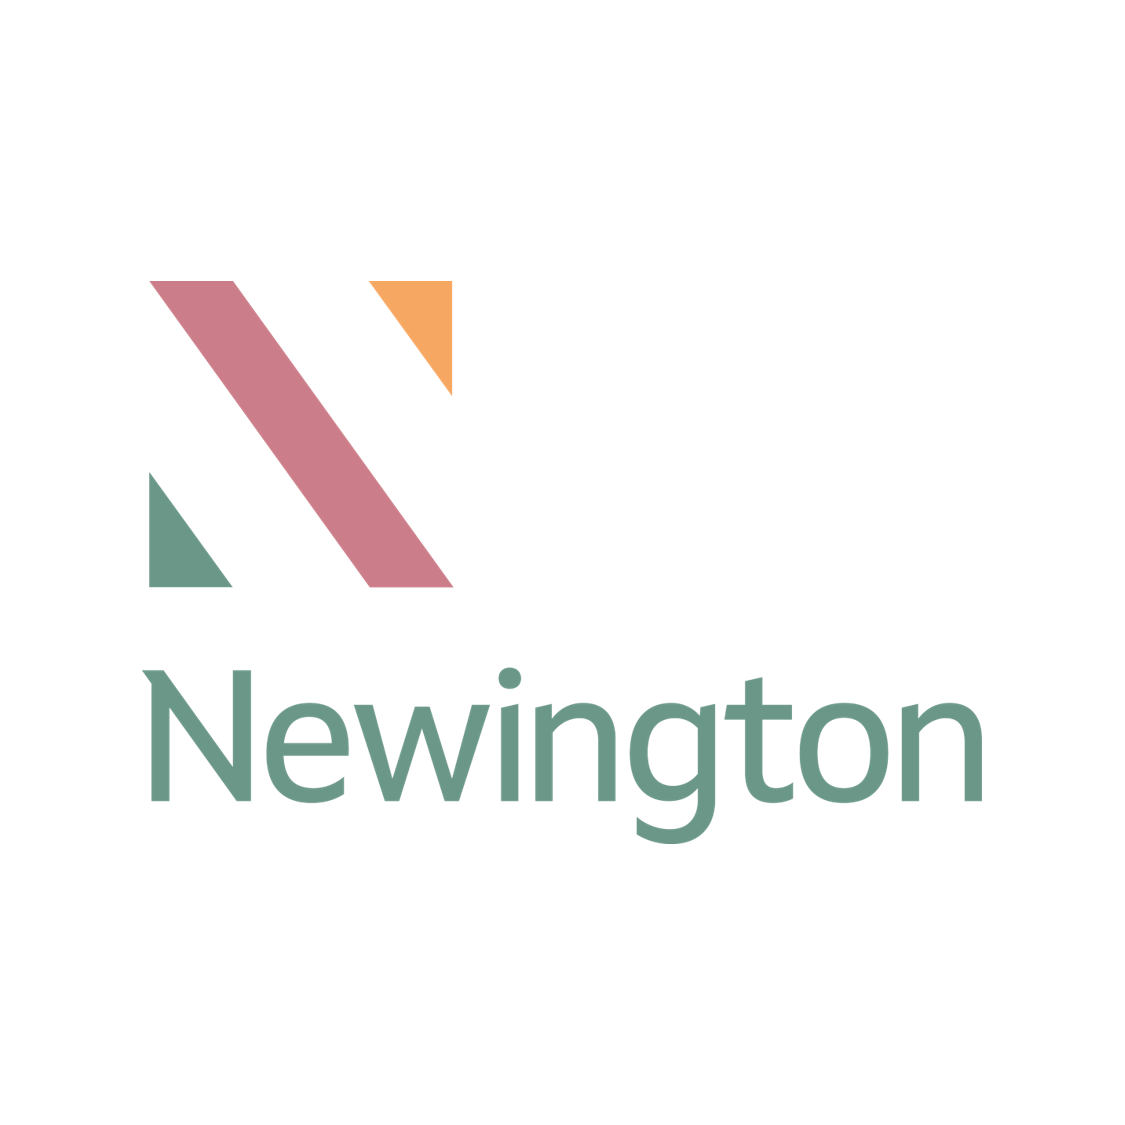 Newington.png